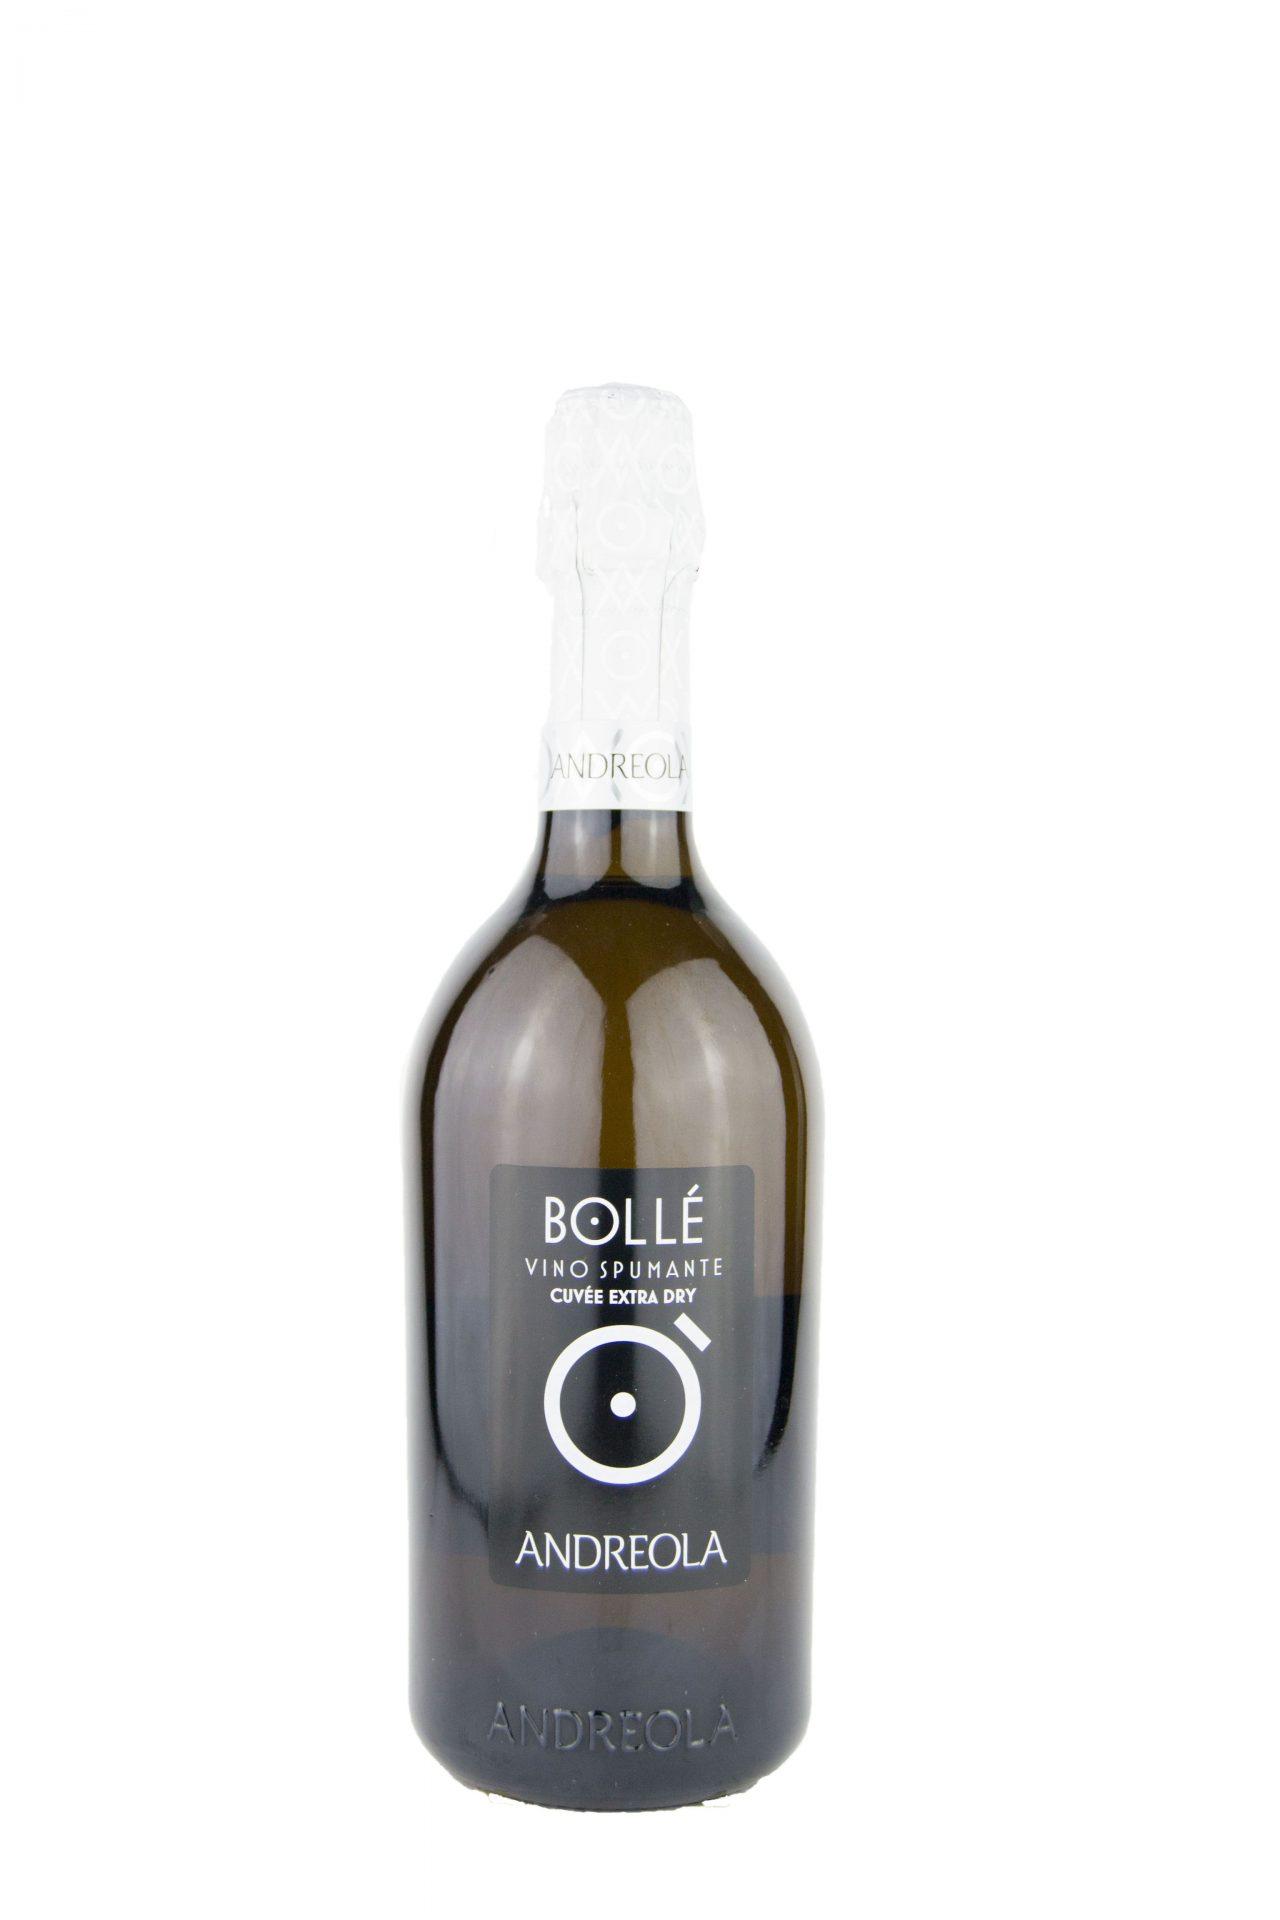 Andreola – Bollé Cuvéè Extra Dry